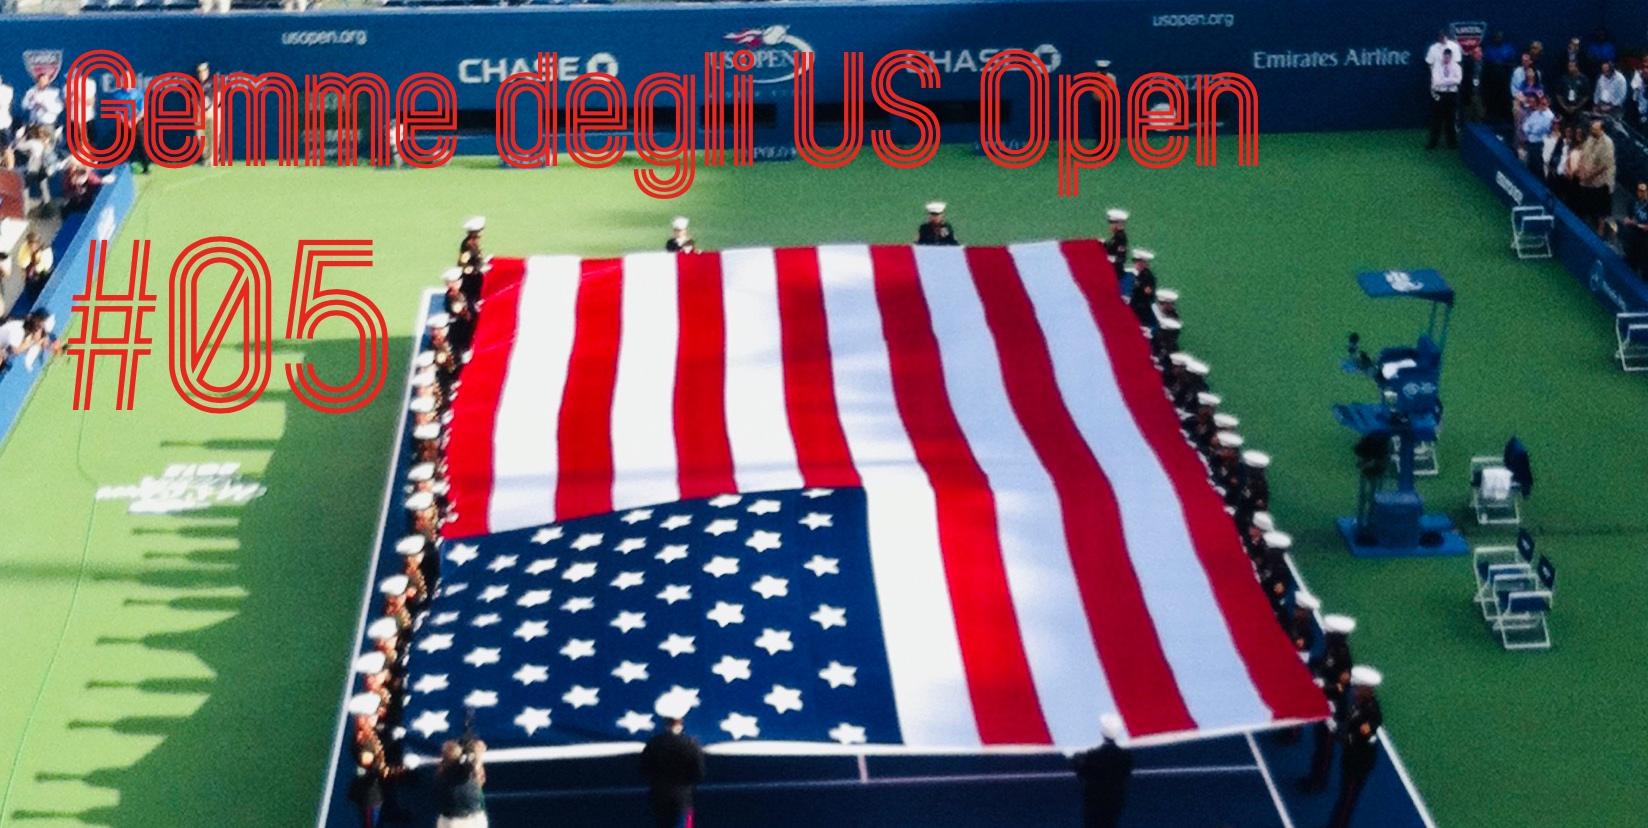 Gemme degli US Open #5 - settesei.it